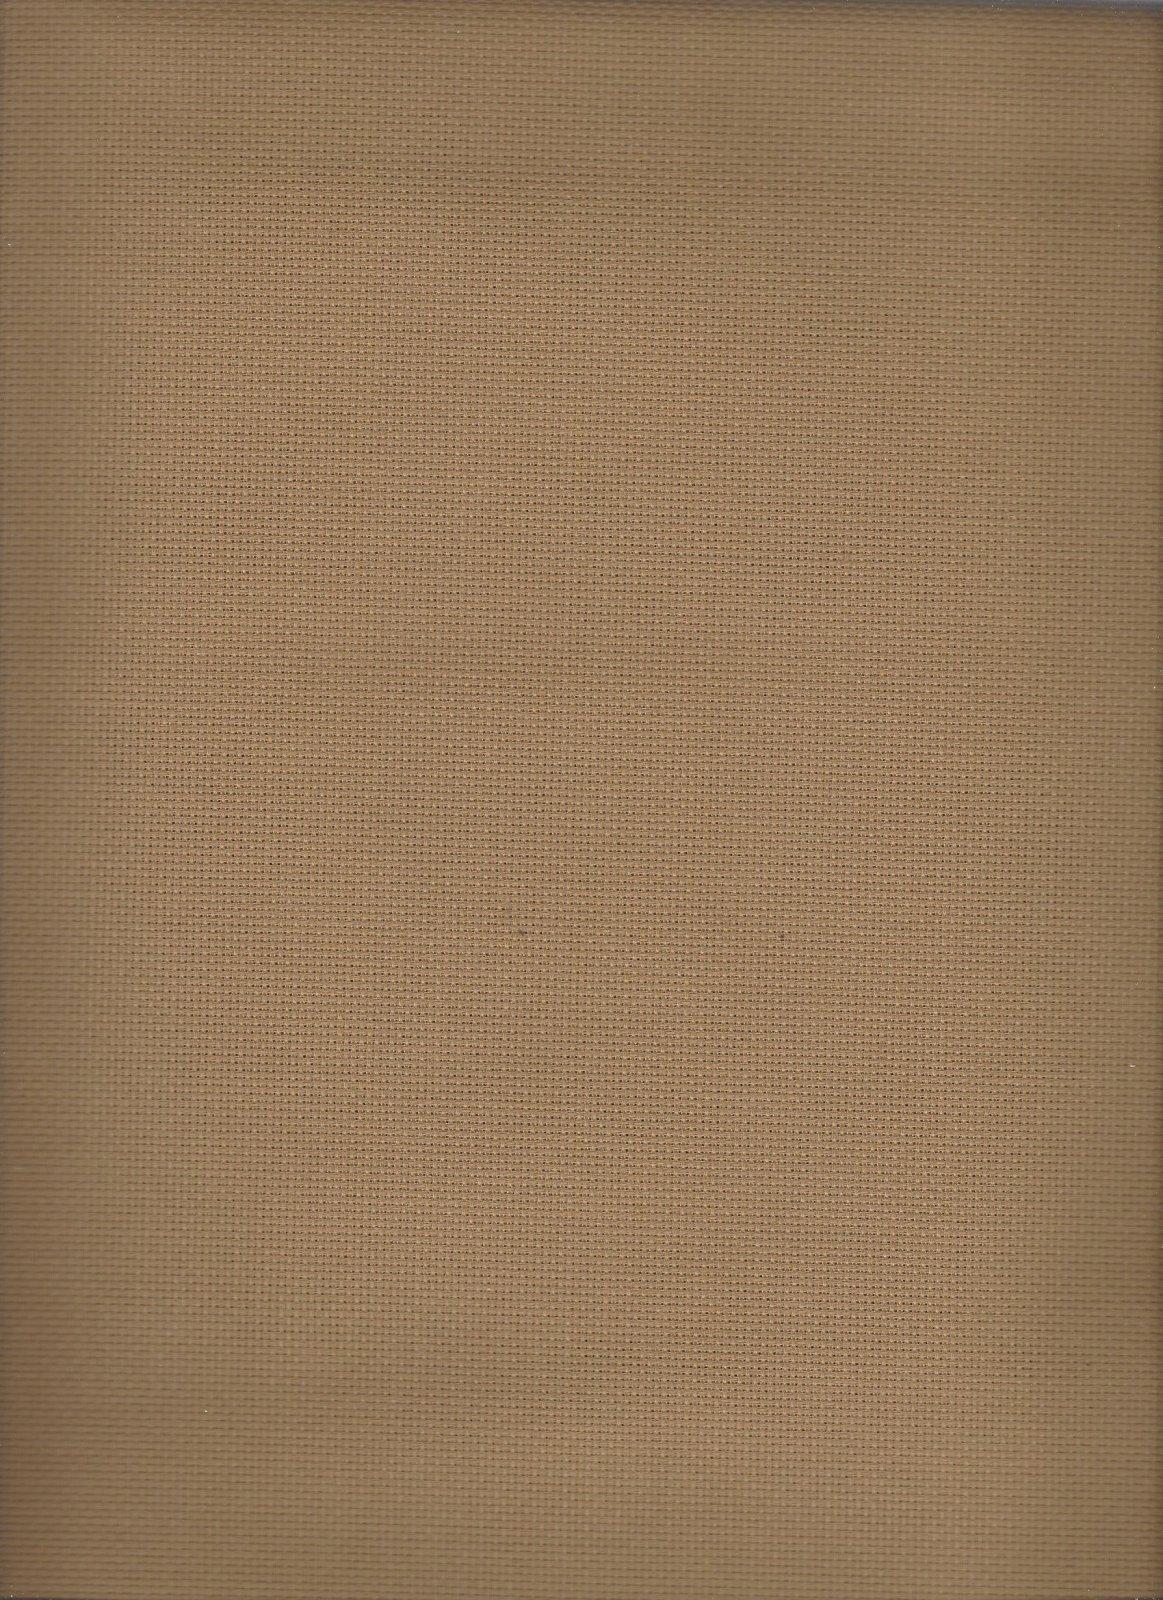 Aida 18ct Dark Caramel (discontinued color)